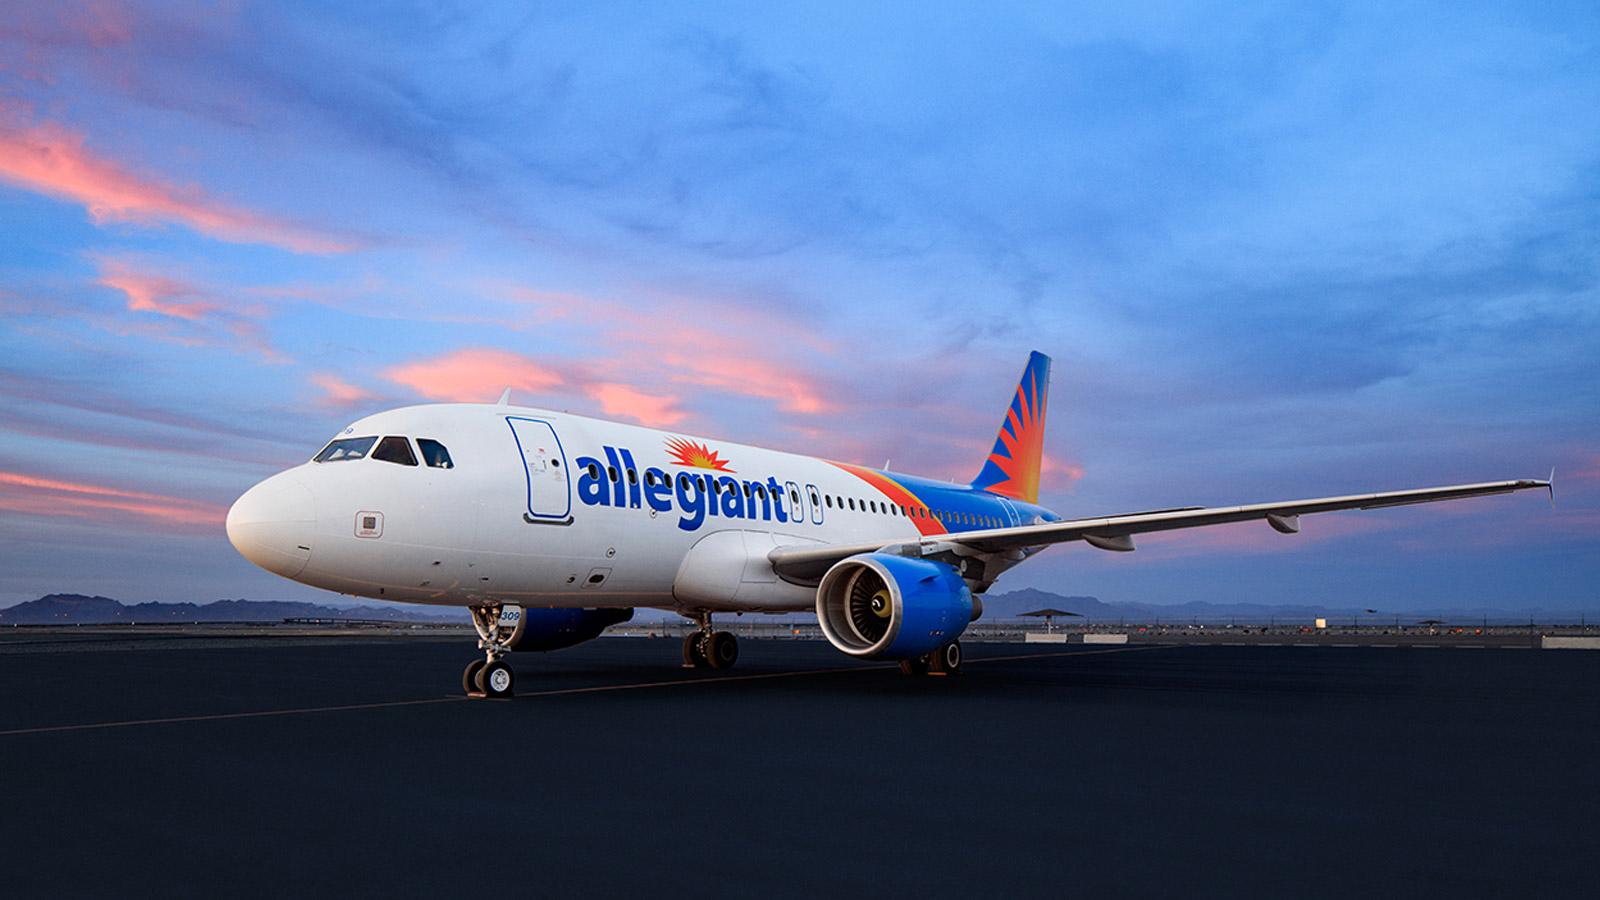 Alligent Plane